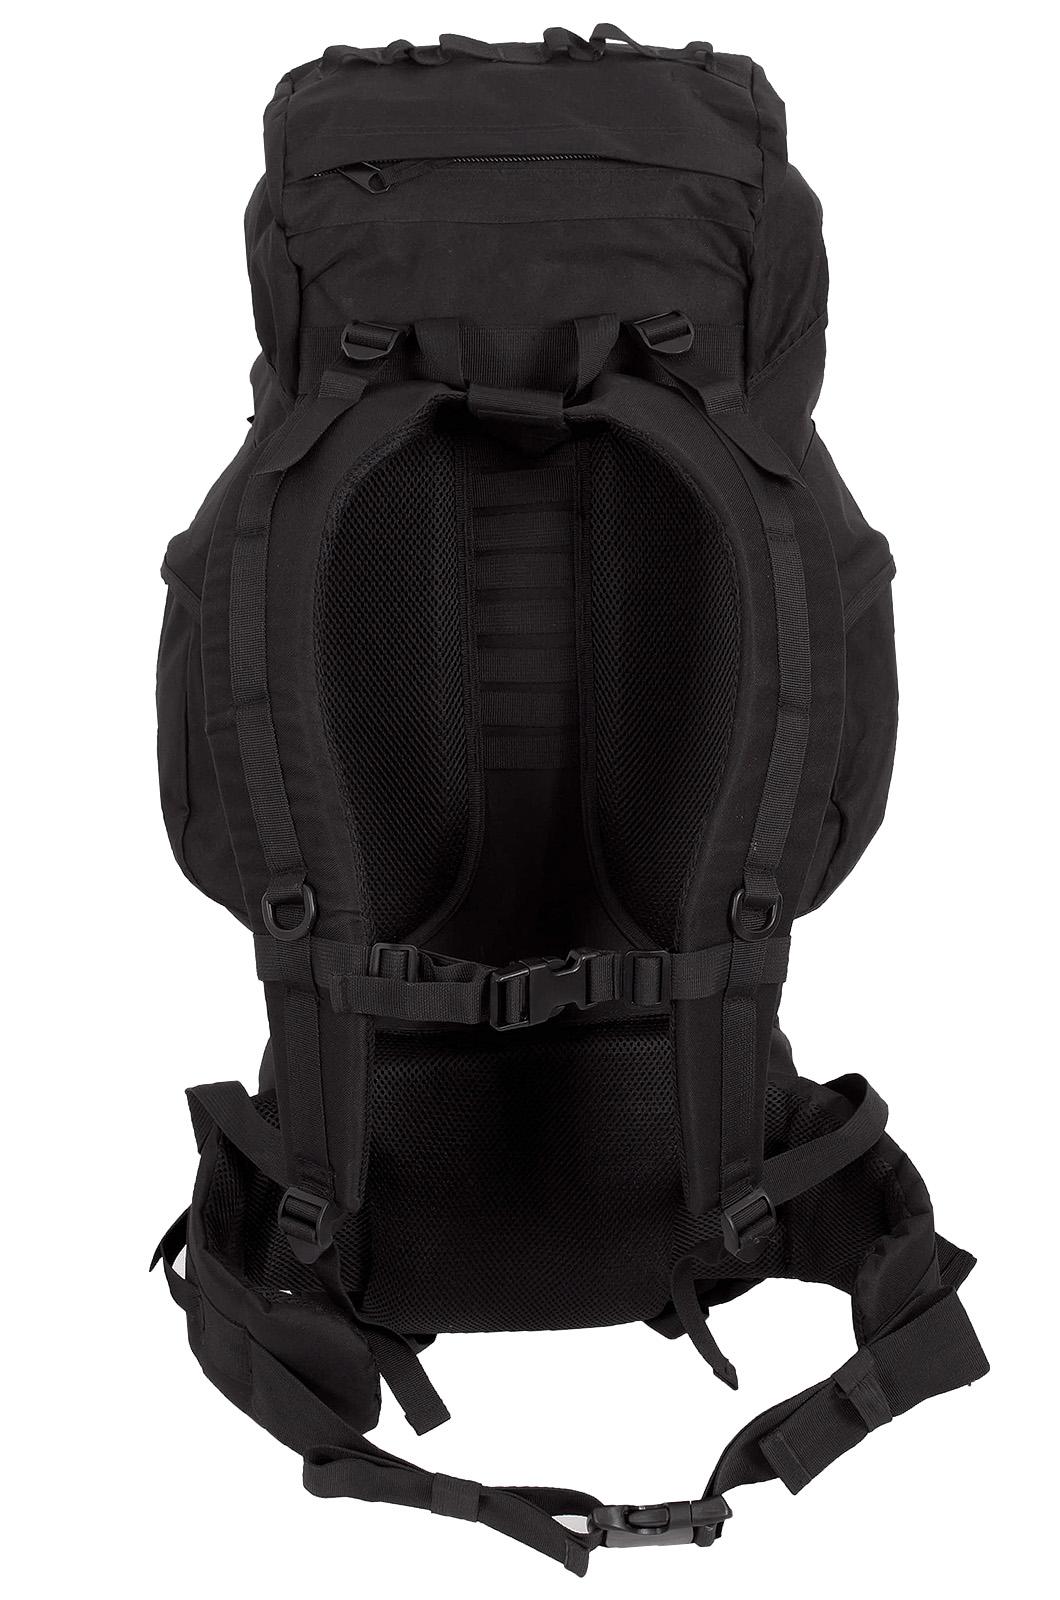 Черный многодневный рюкзак с нашивкой Потомственный Казак - купить в Военпро